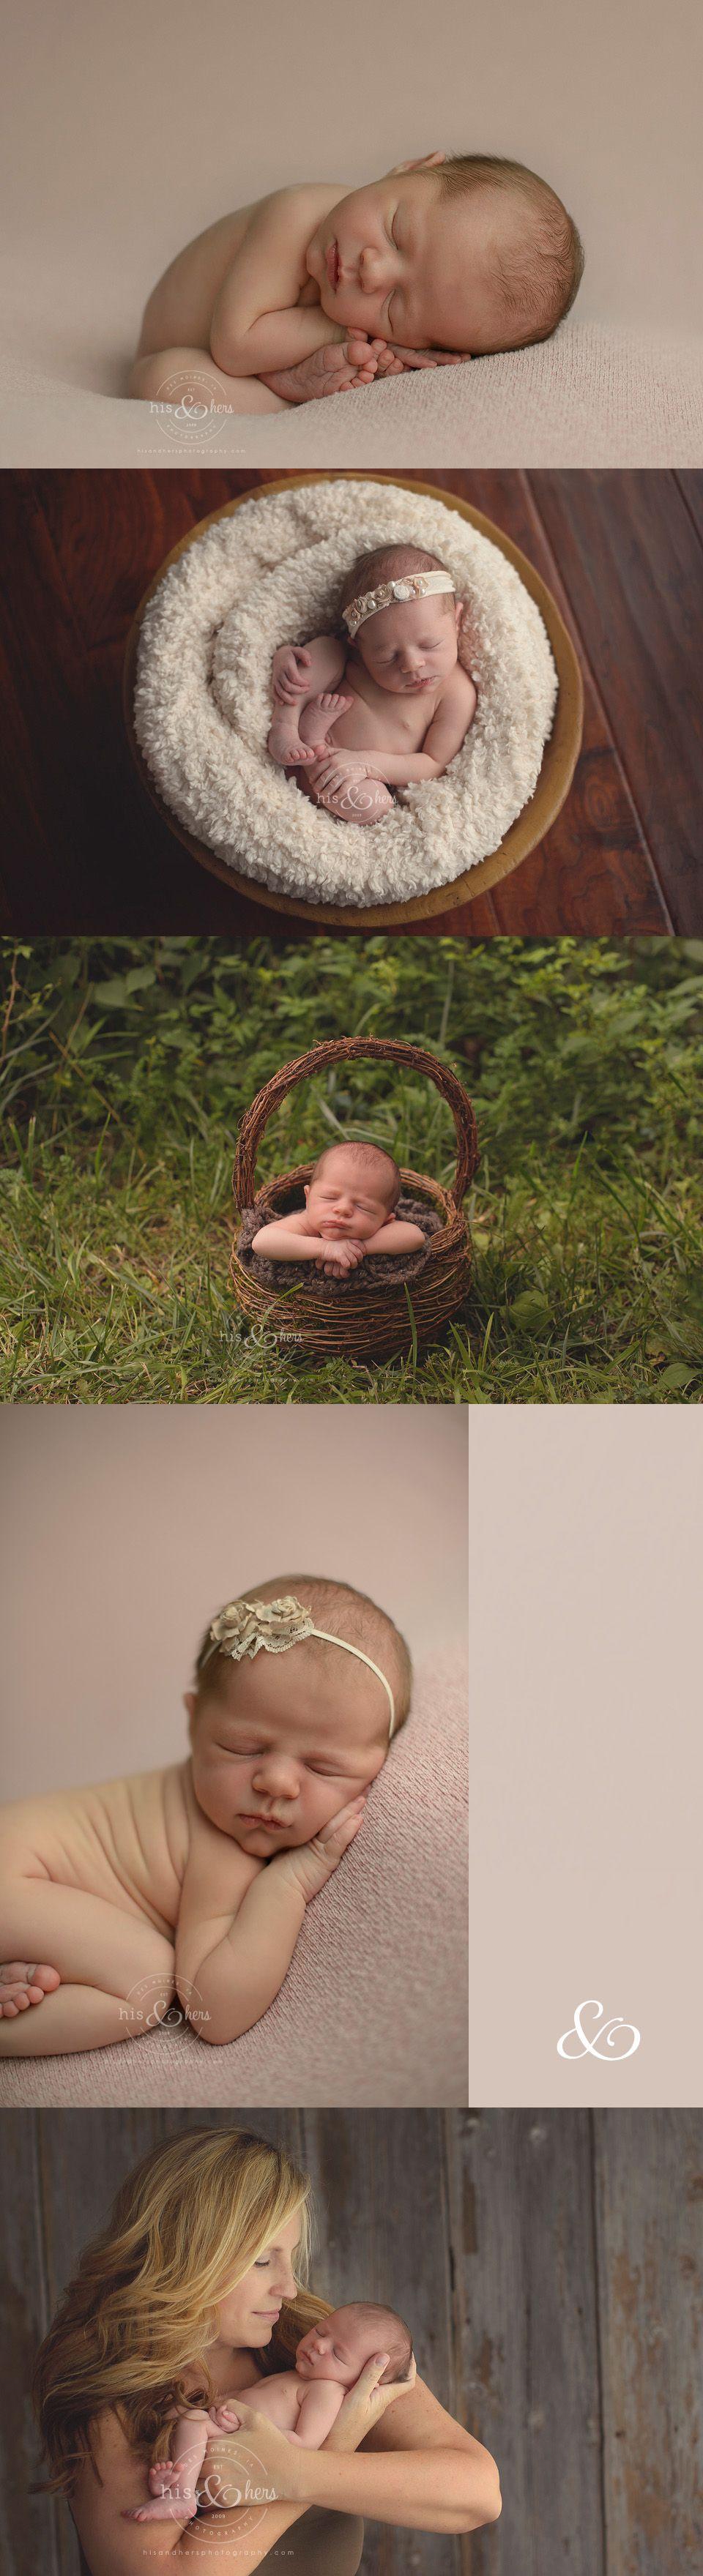 Newborn | Nora, 7 days new